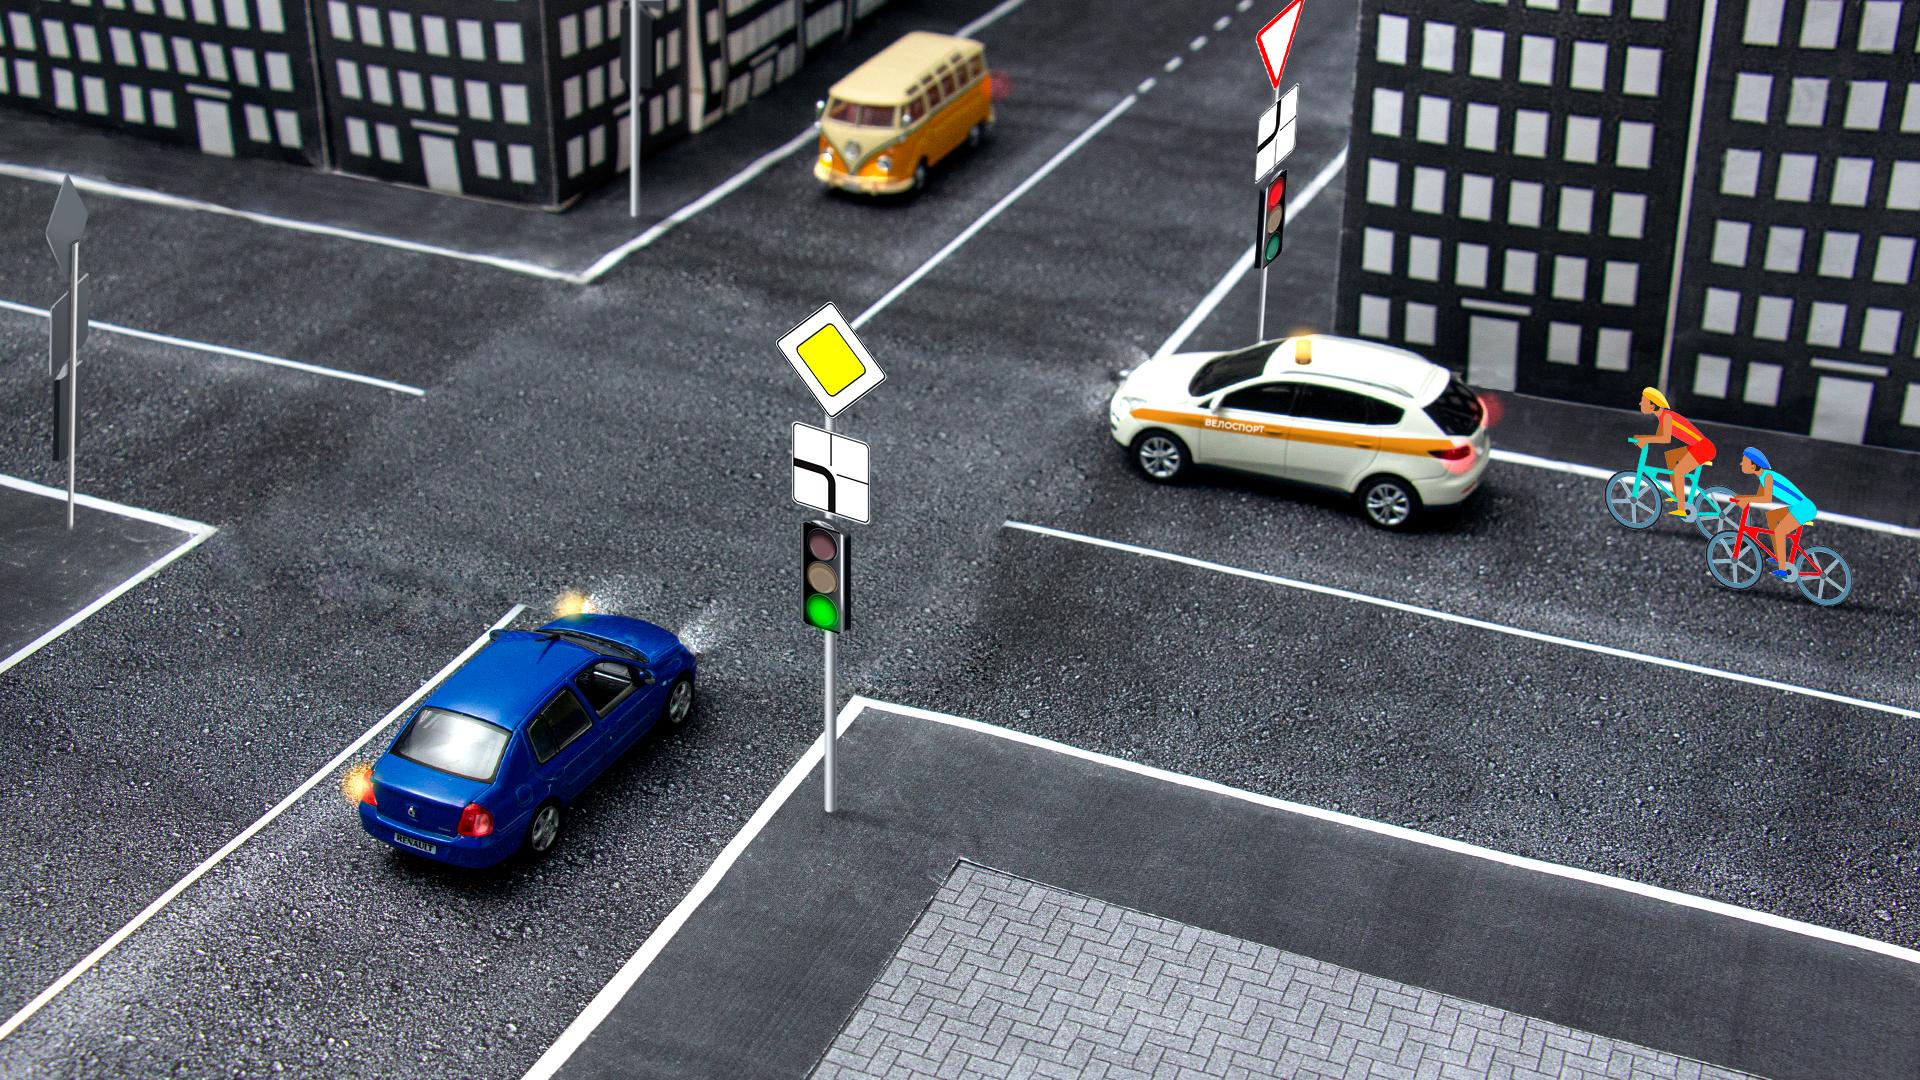 Так что главнее: светофор или знаки?